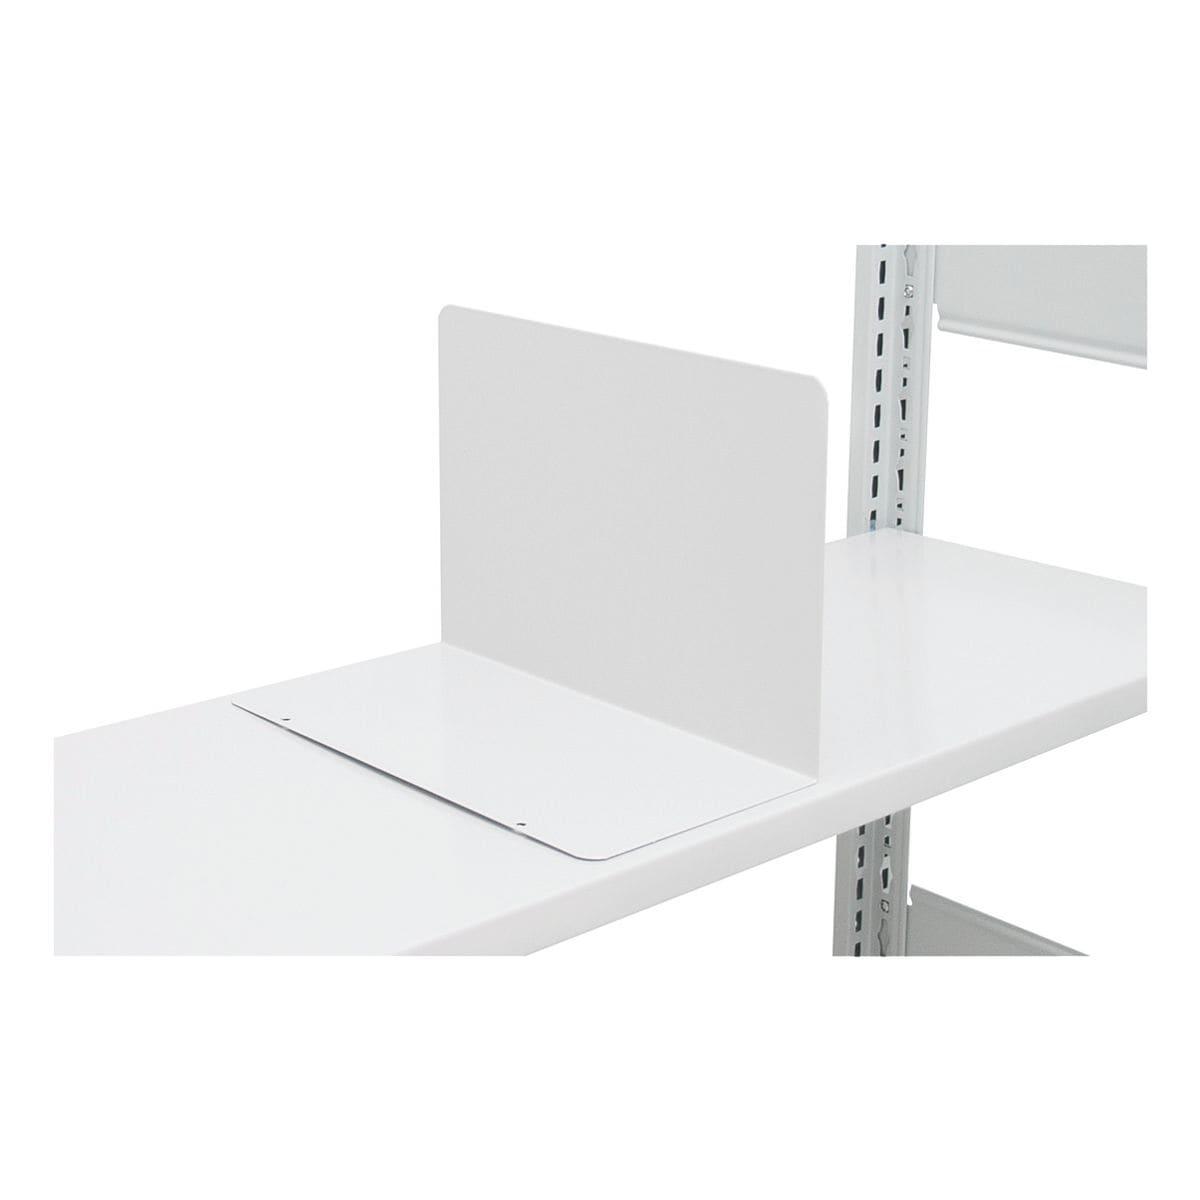 SCHULTE Lagertechnik Buchstütze für »Multiplus« Fachböden 30 cm